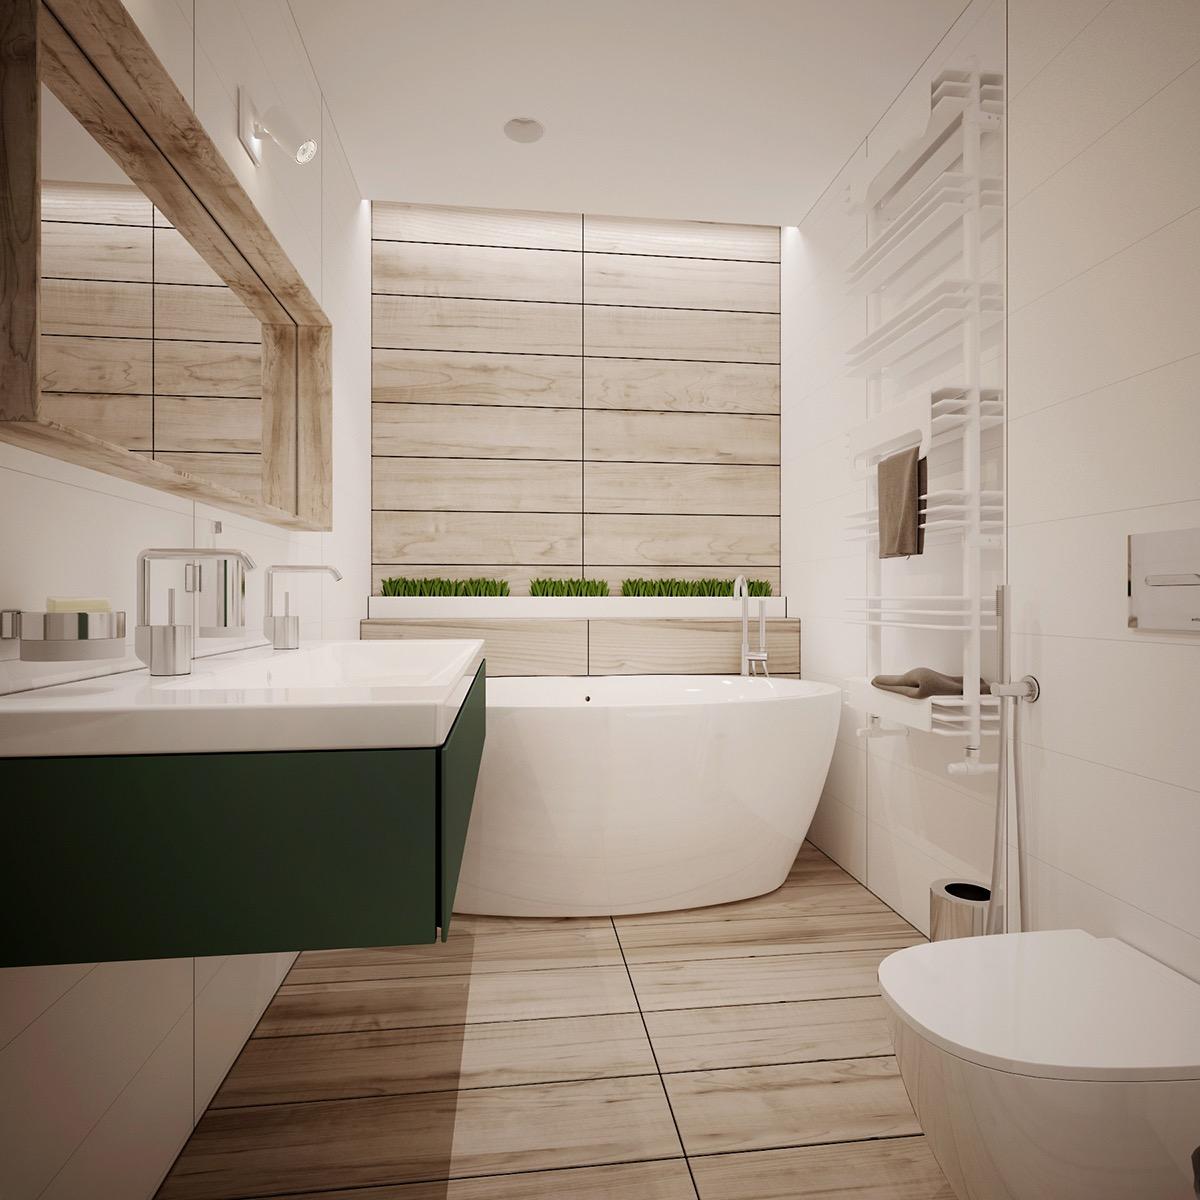 apartment interior bathroom design